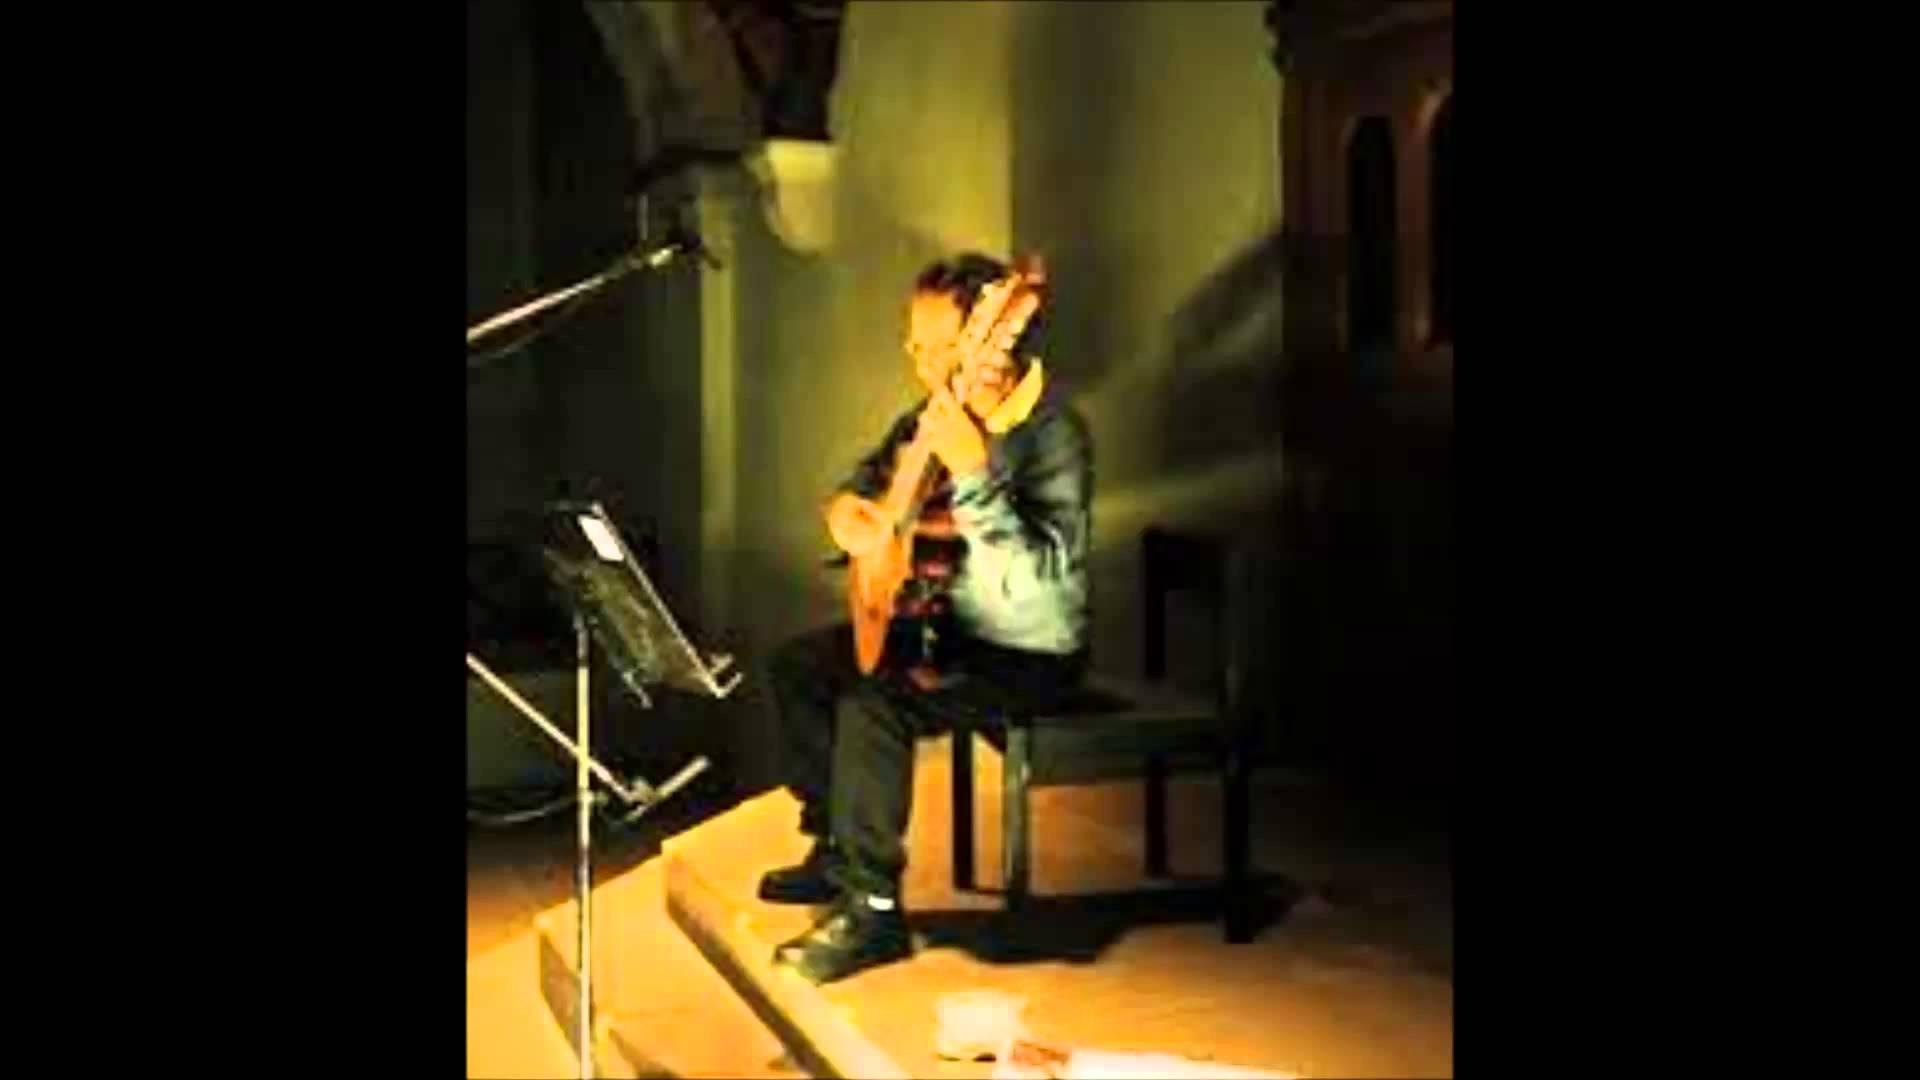 清澄な響き G.セルシェルが弾くヴァイスの『パッサカリア』